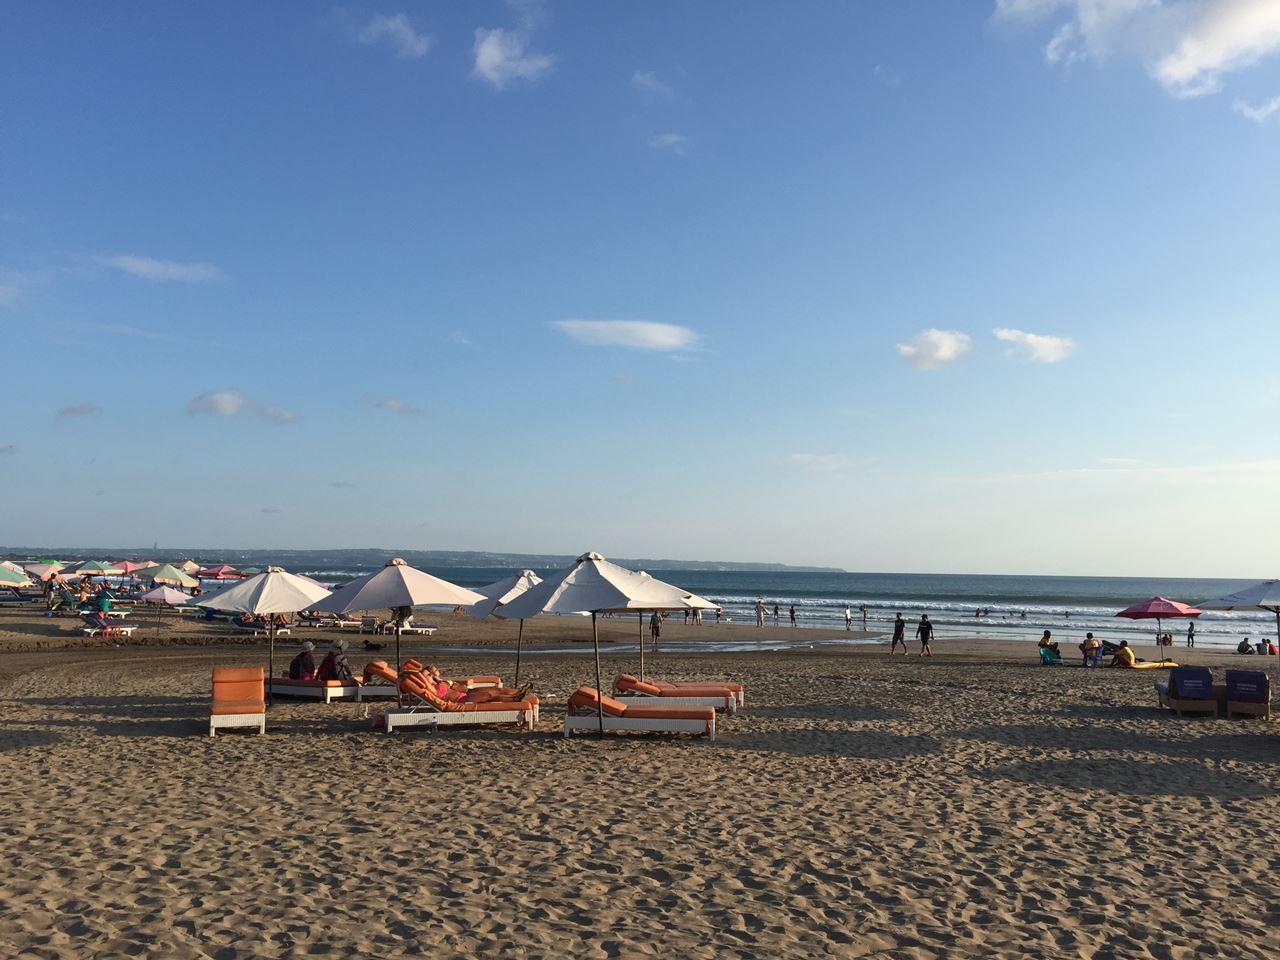 スミニャック散策|ハリスホテルビーチやKZUに行ったよ!